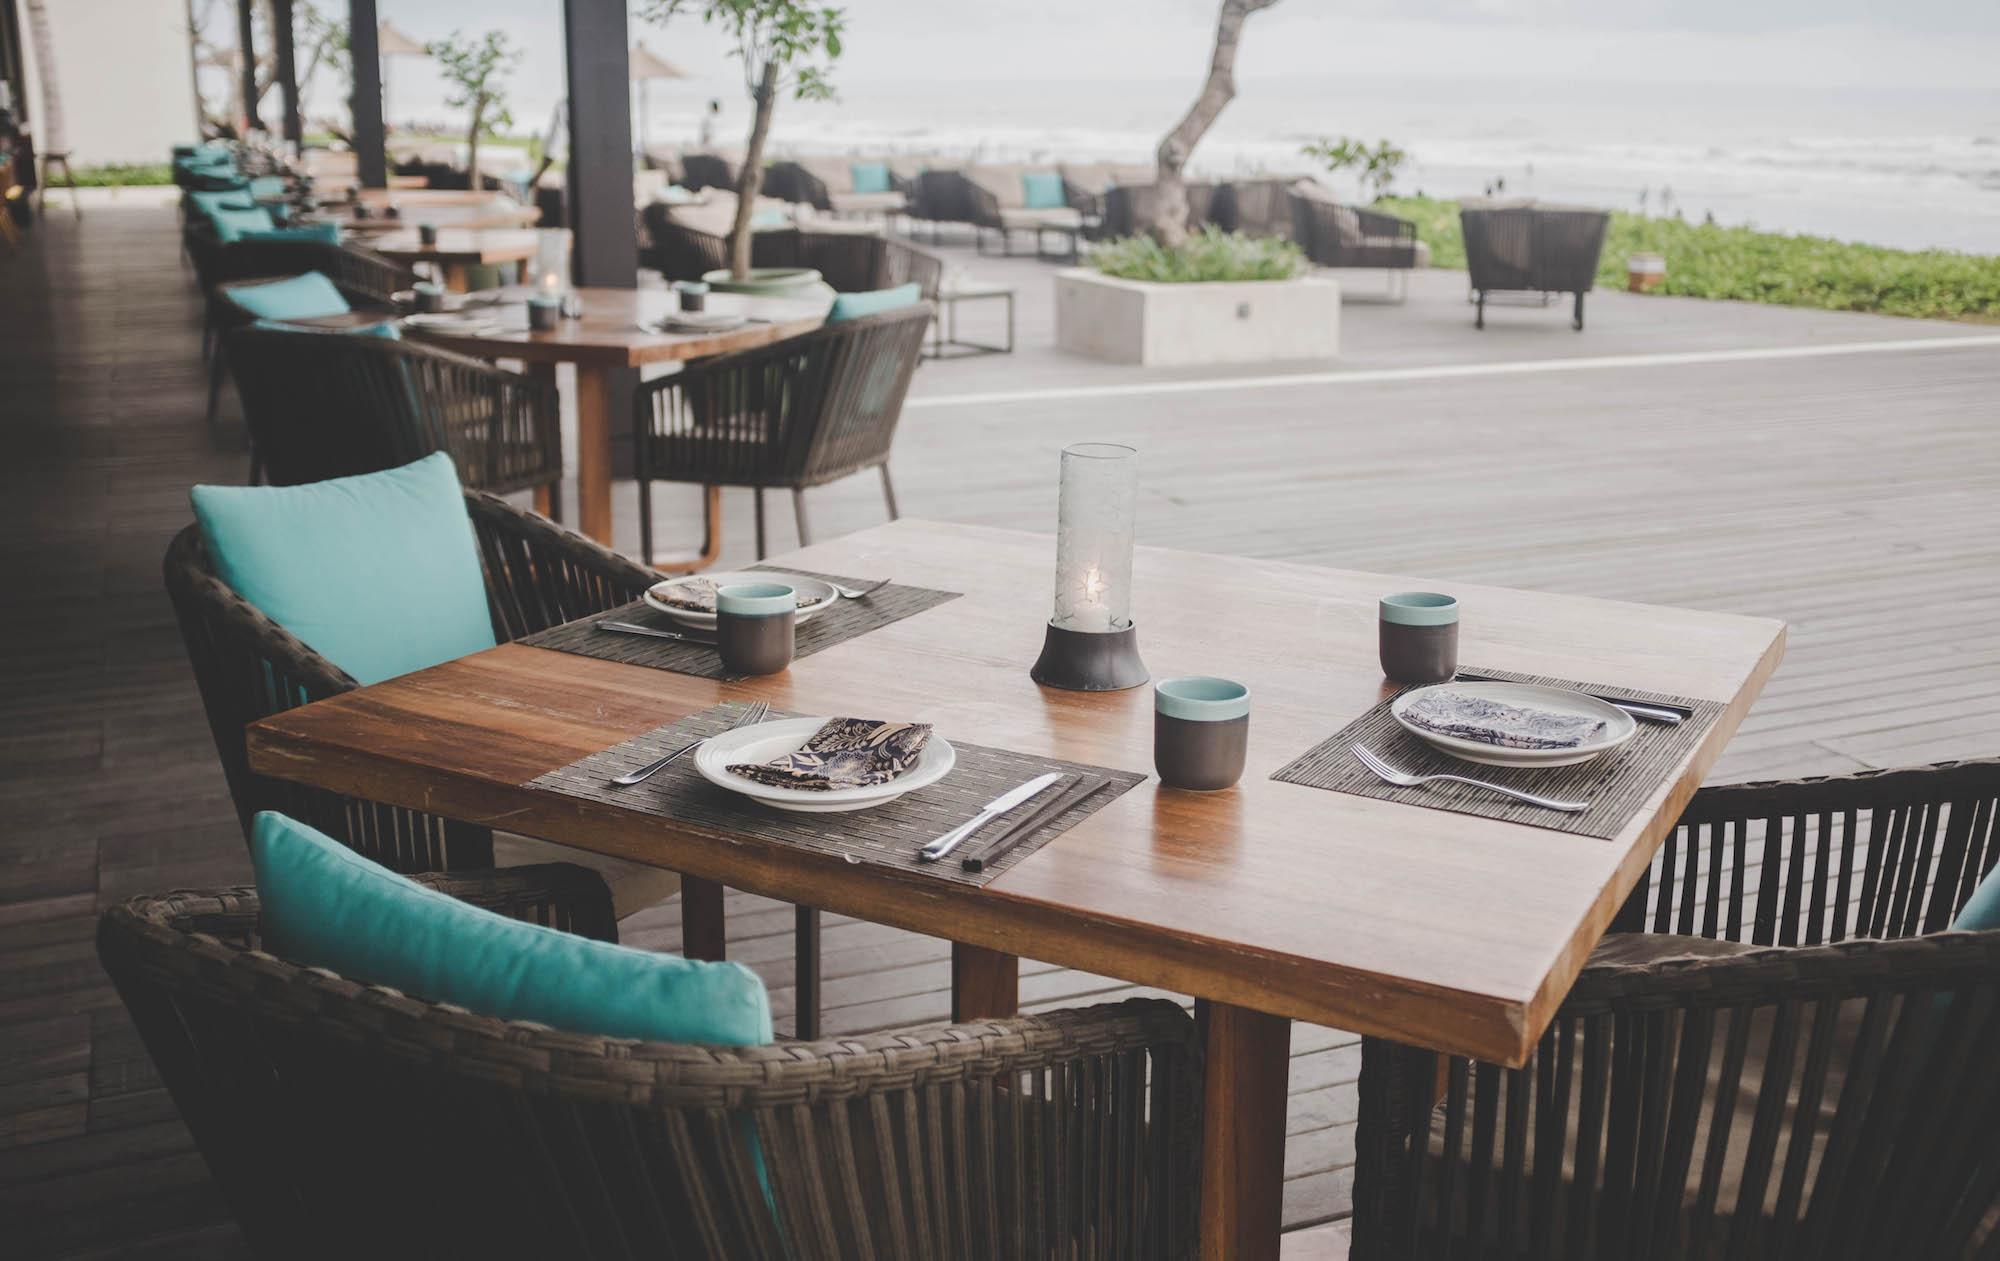 2017-04-Alila-Seminyak - alila-seminyak-bali-nectarandpulse-restaurant-23.jpg